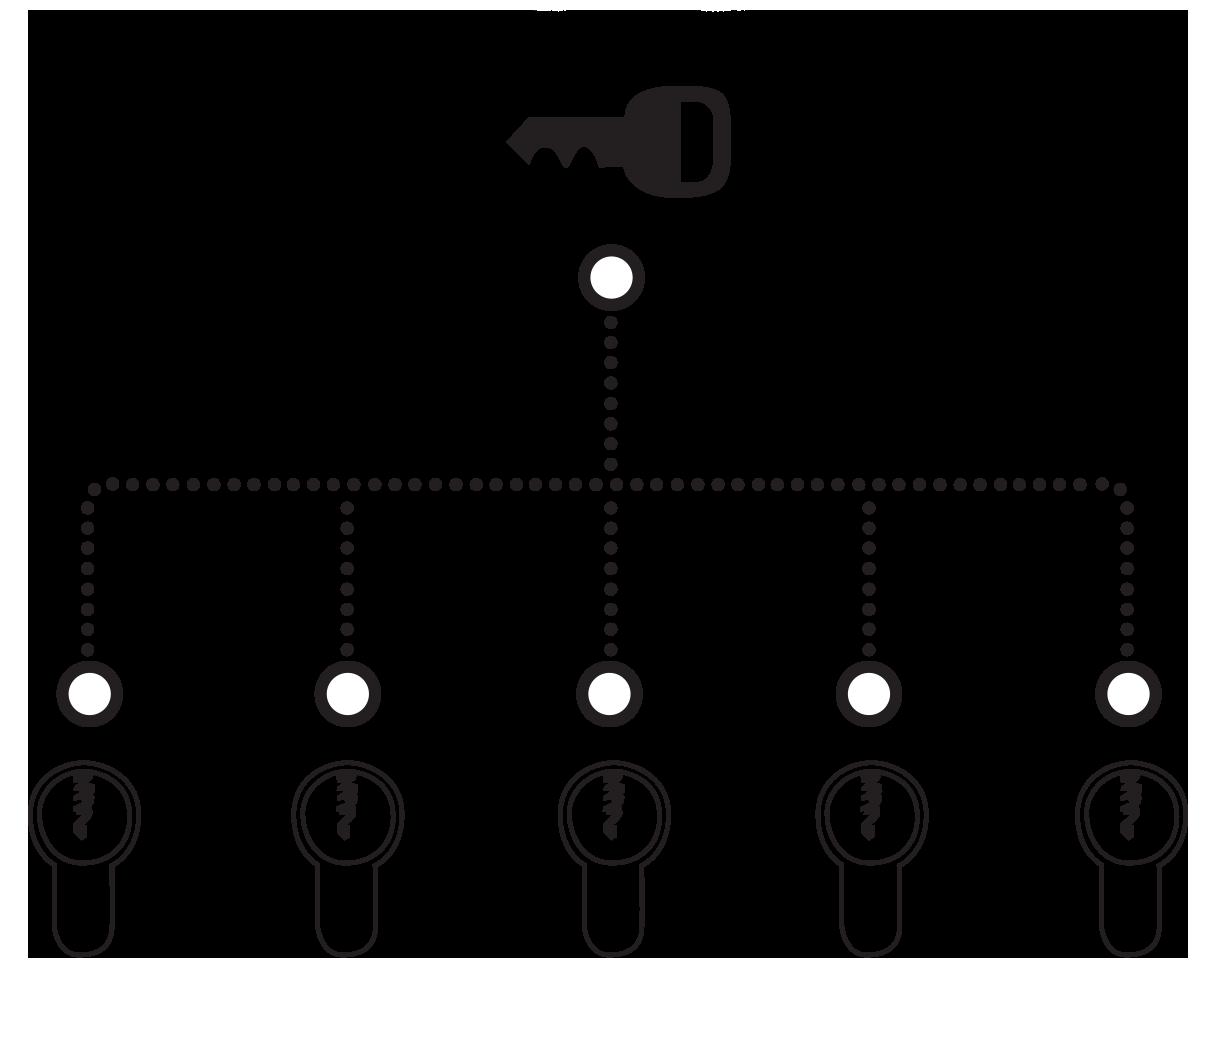 Functie van een gelijksluitende cilinder